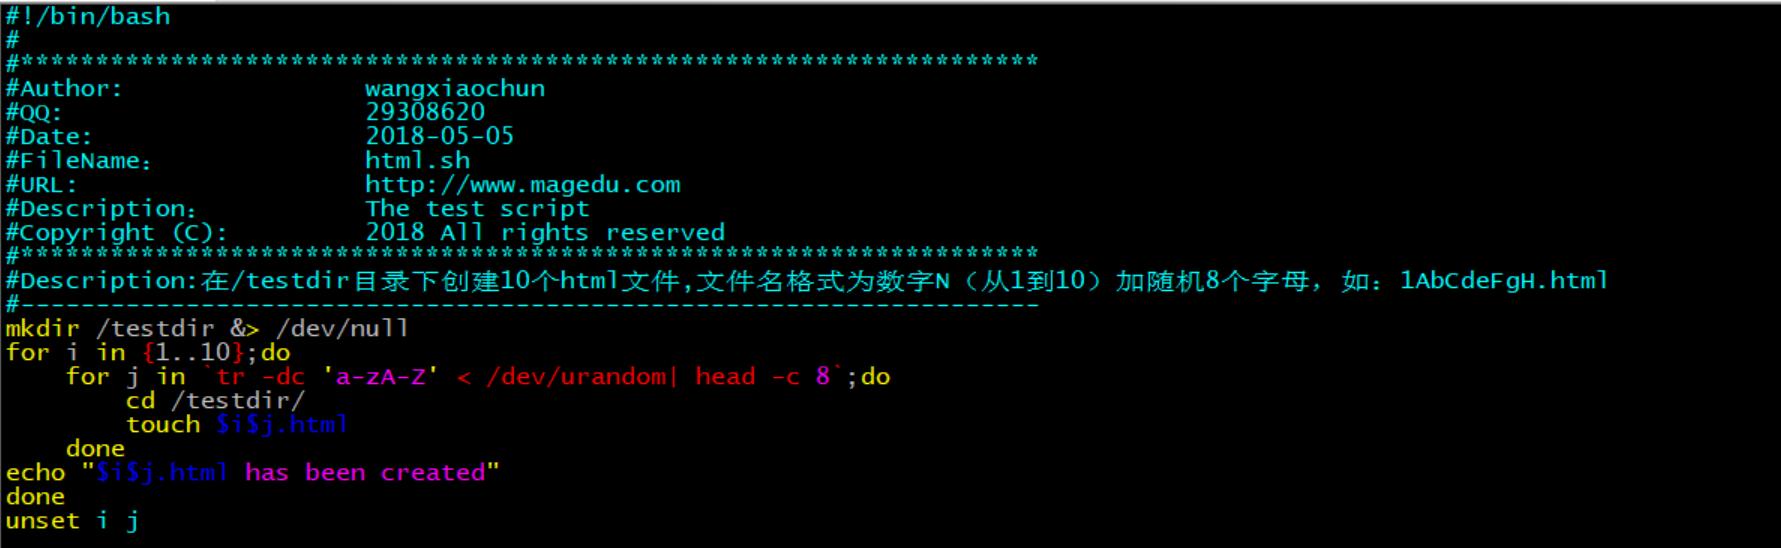 html.sh